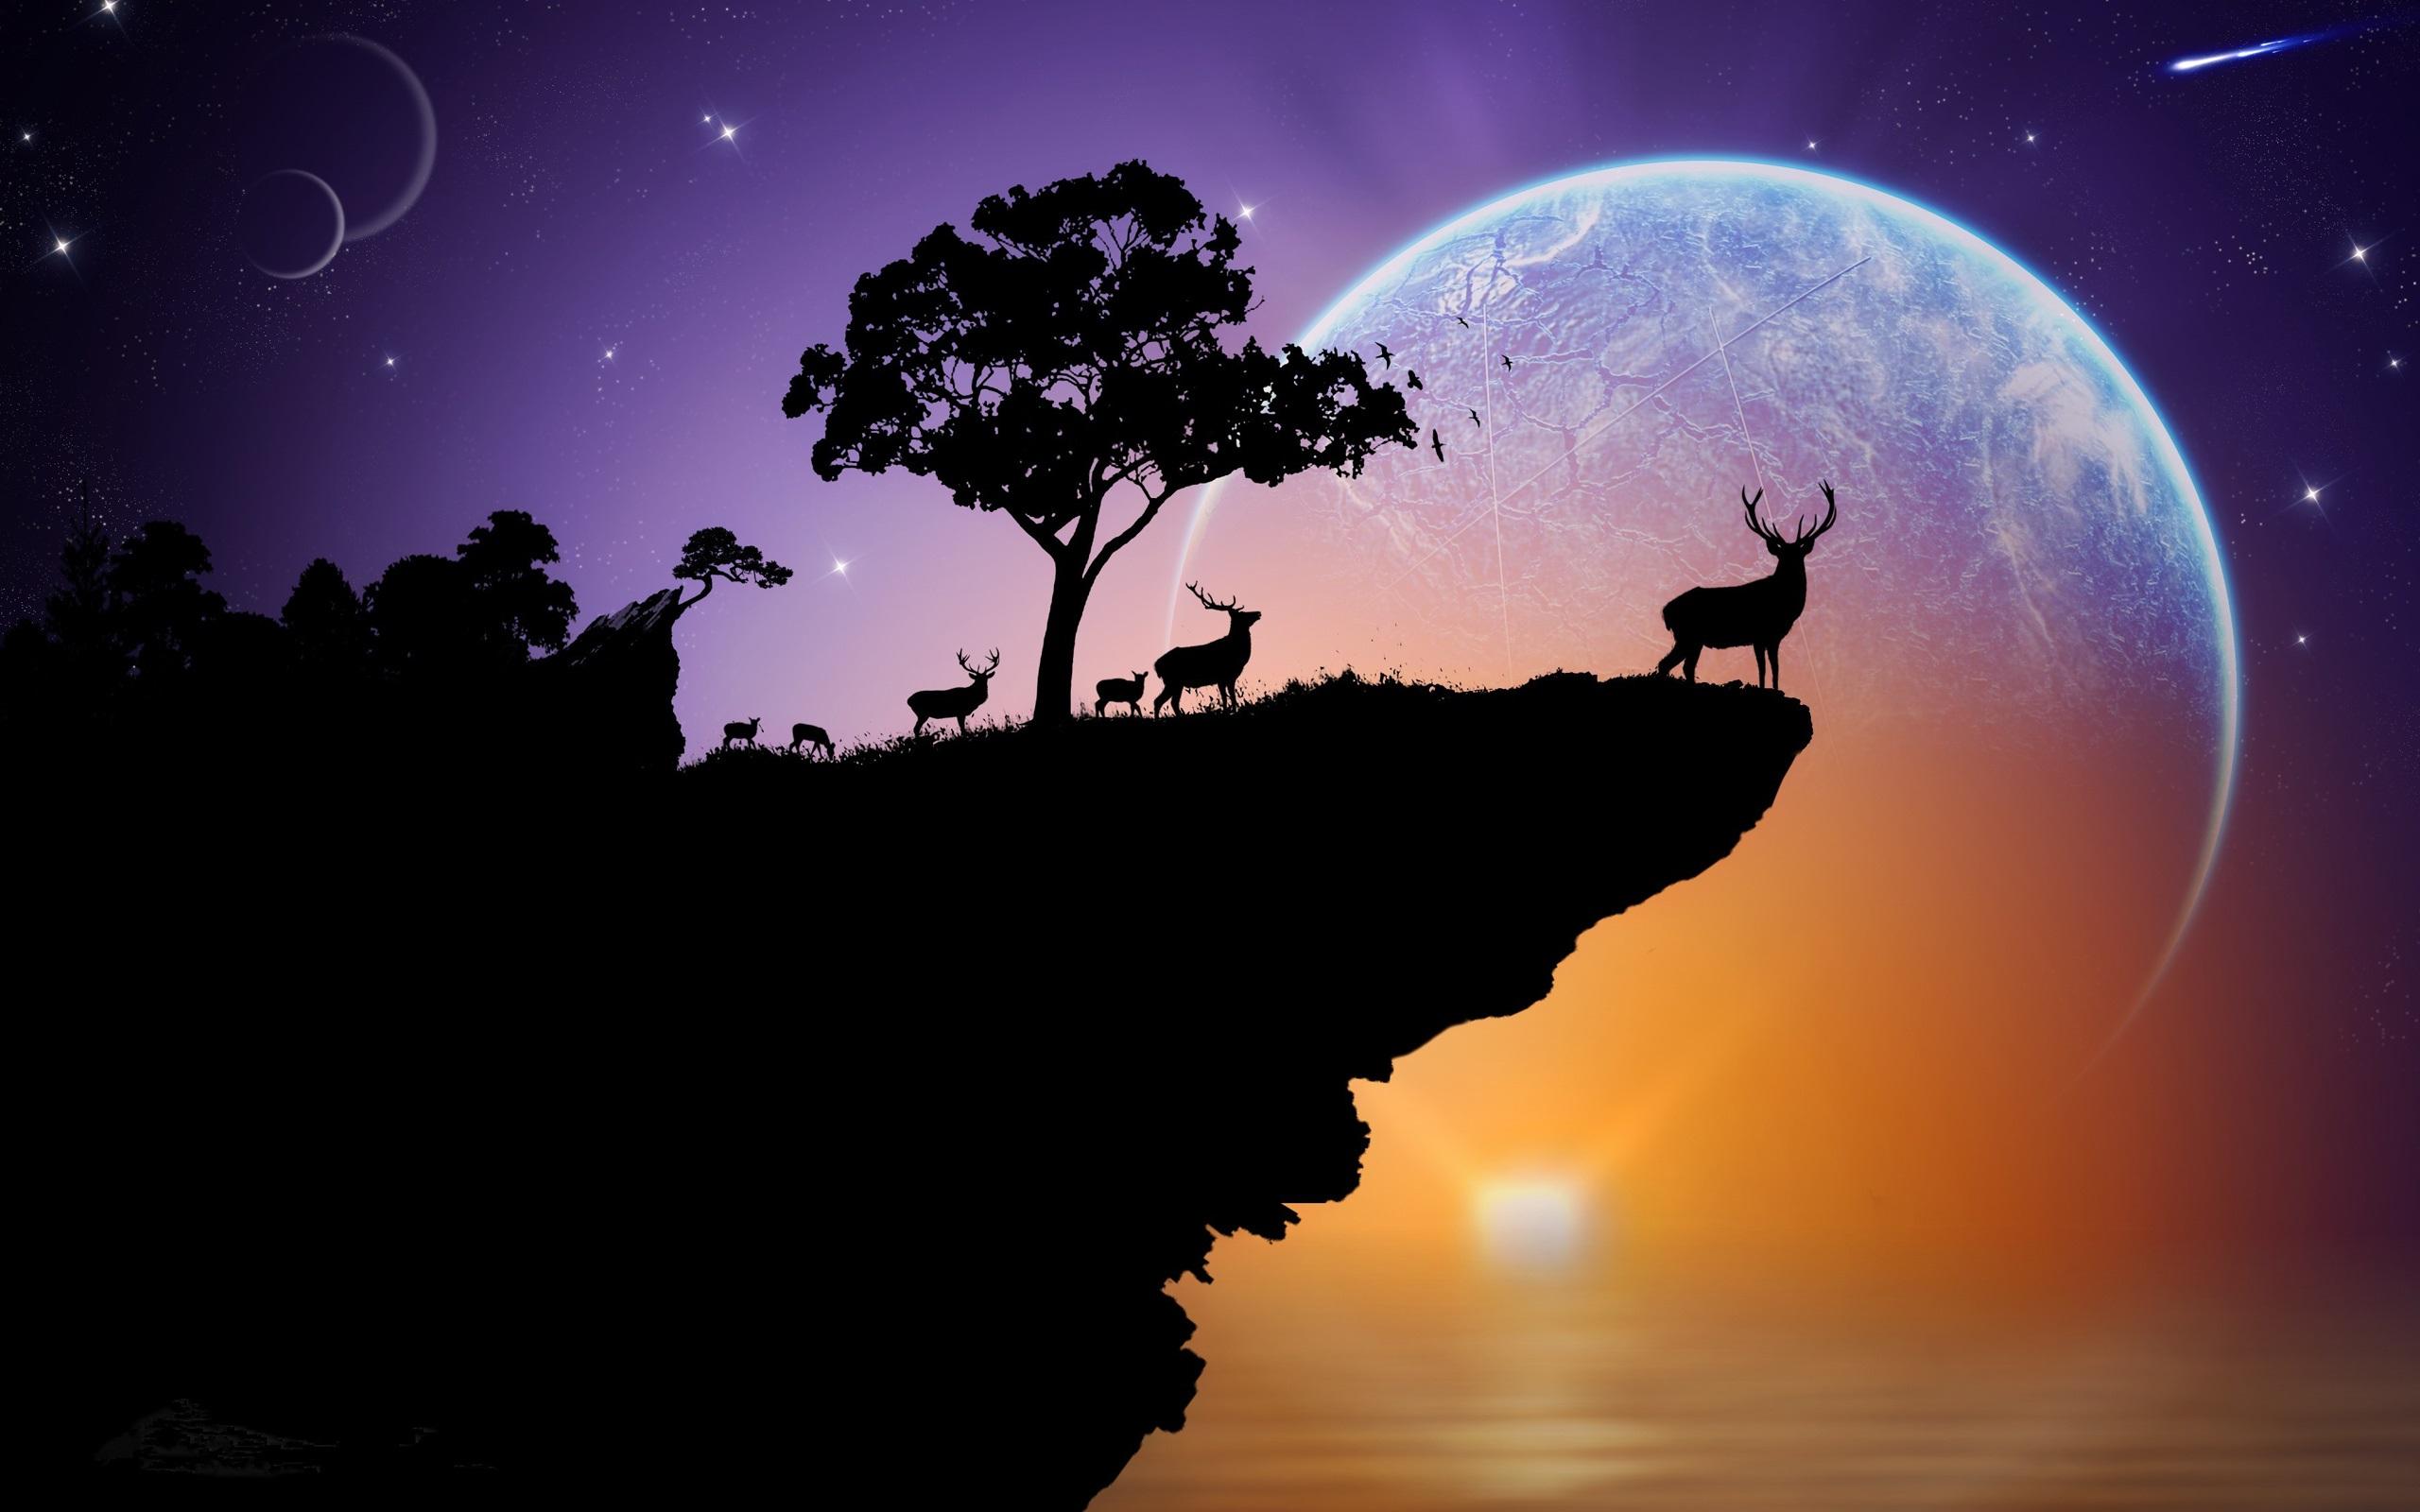 壁紙 シルエット 鹿 地球 空 星 木 岩 日没 創造的 2560x1600